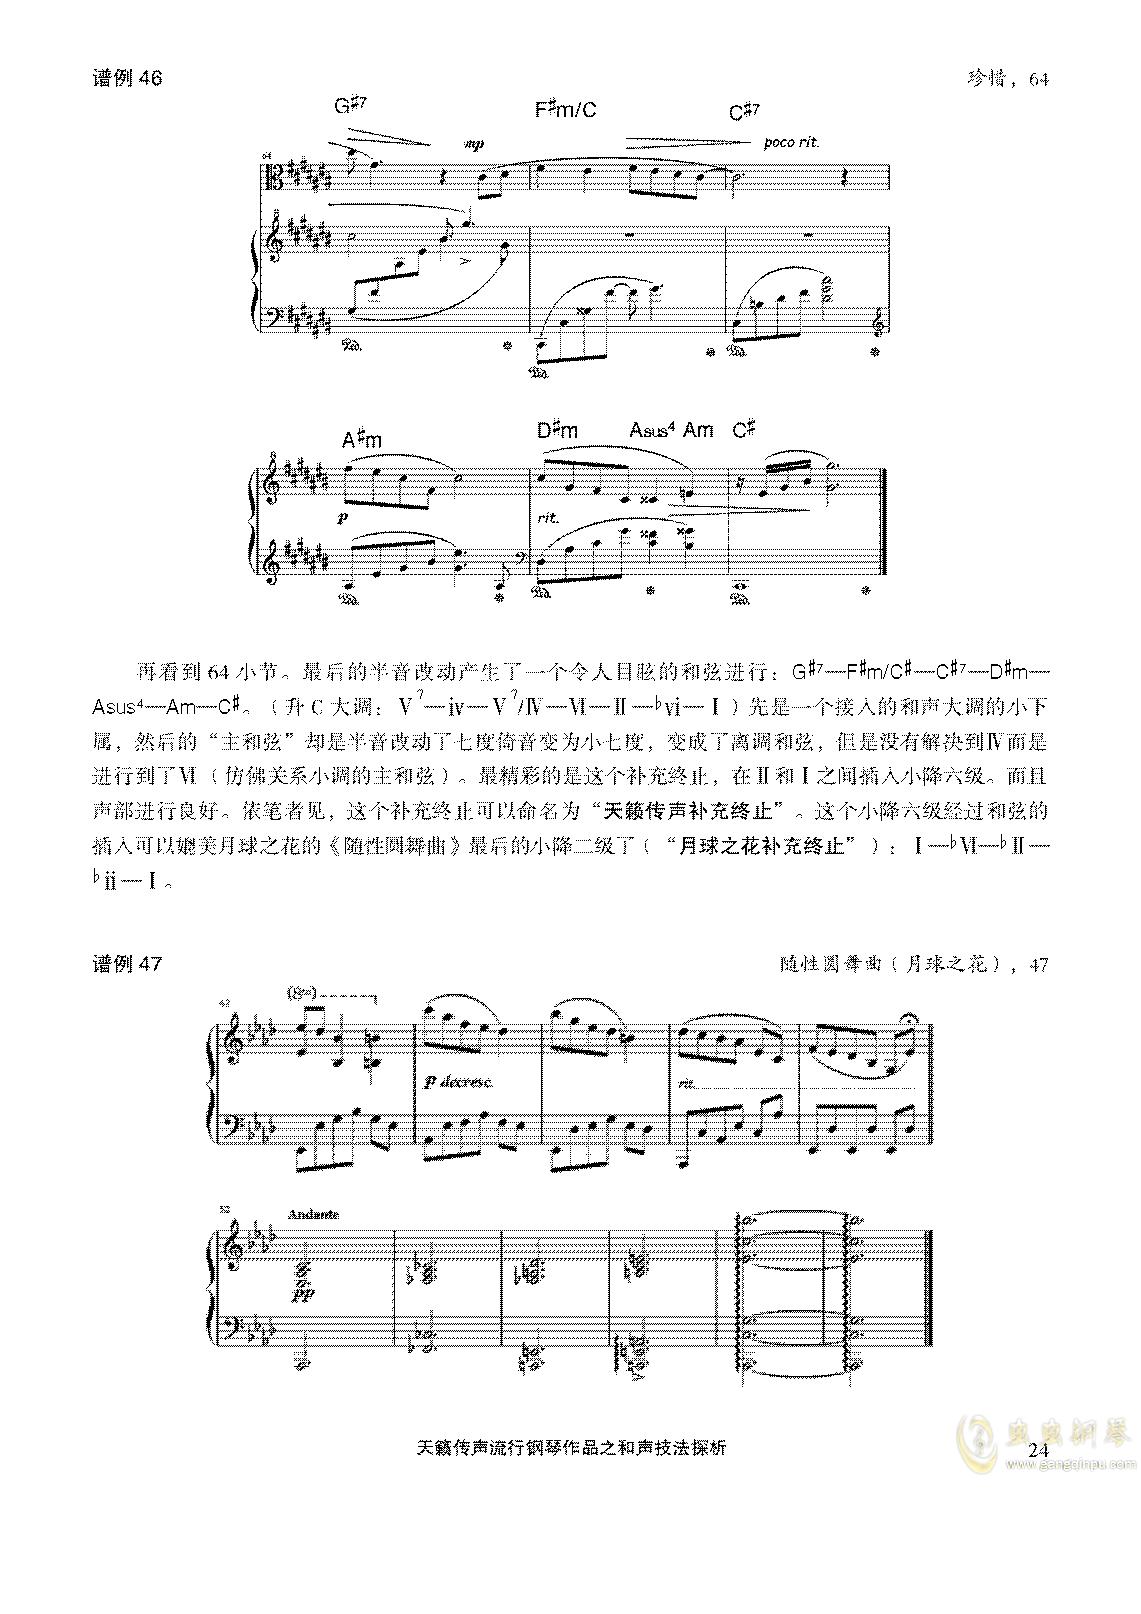 天籁传声和声技法探析澳门星际官网 第24页